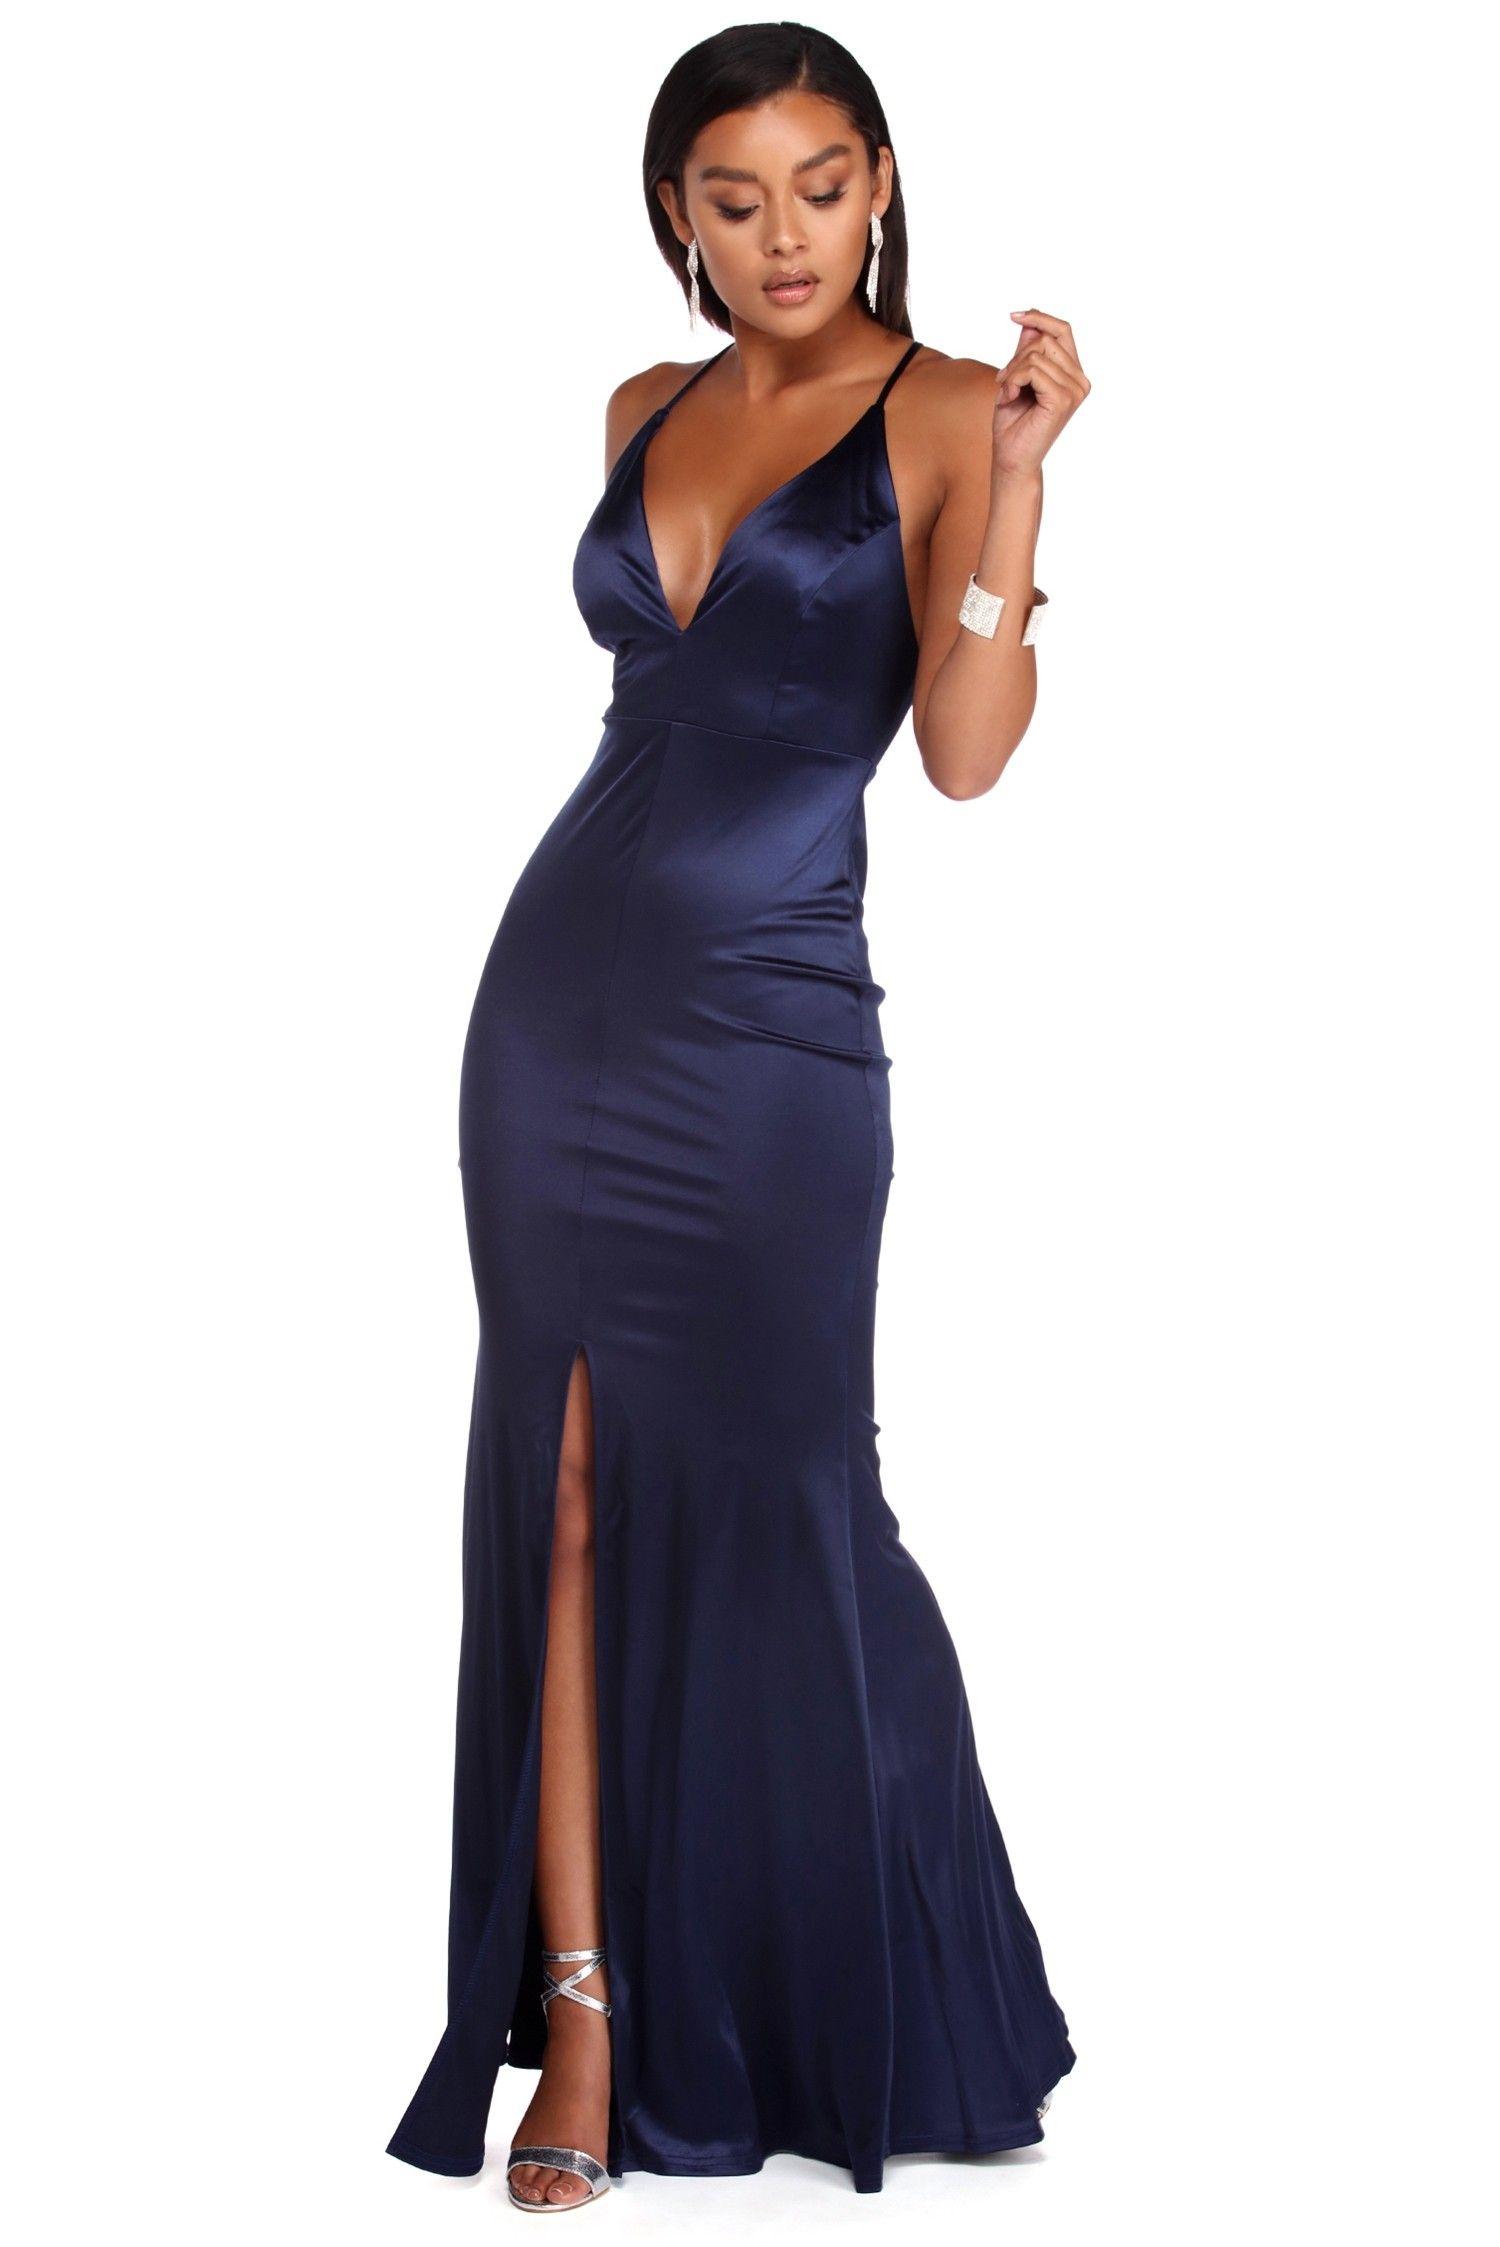 710c4d0d876883 The strap dress - a versatile all-rounder Strap Dress raelynn satin cross  strap dress MRAIGJV